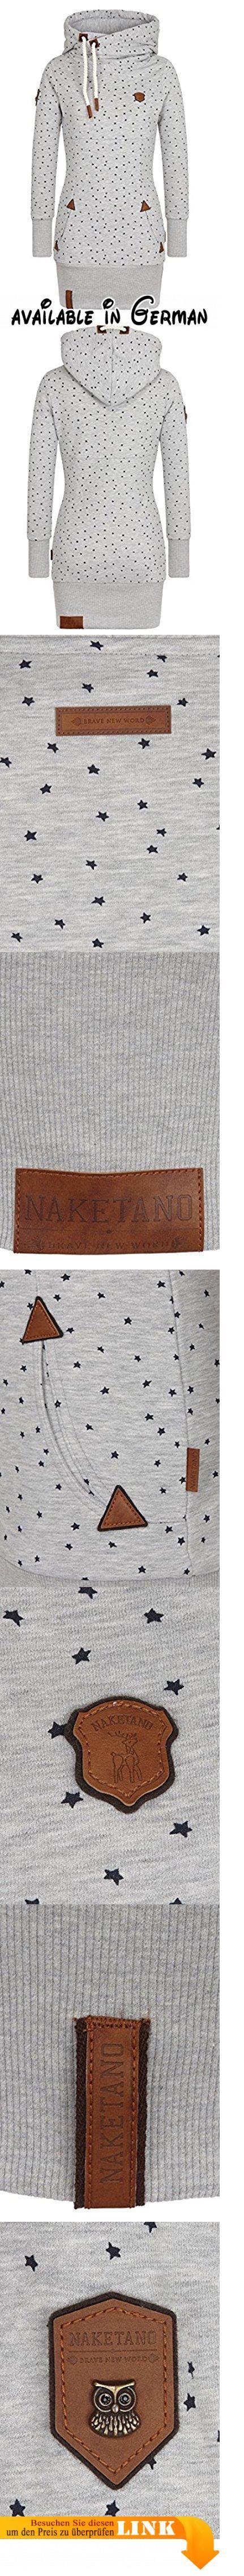 Naketano Damen Longsweat grau XS. Langer Hoody mit überschlagenem Kragen, Allover Druck. 65% Cotton, 35 % Polyester. Maschinenwäsche bei 30°C, nicht Trockner geeignet, nicht bügeln, nicht chemisch Reinigen #Apparel #SHIRT